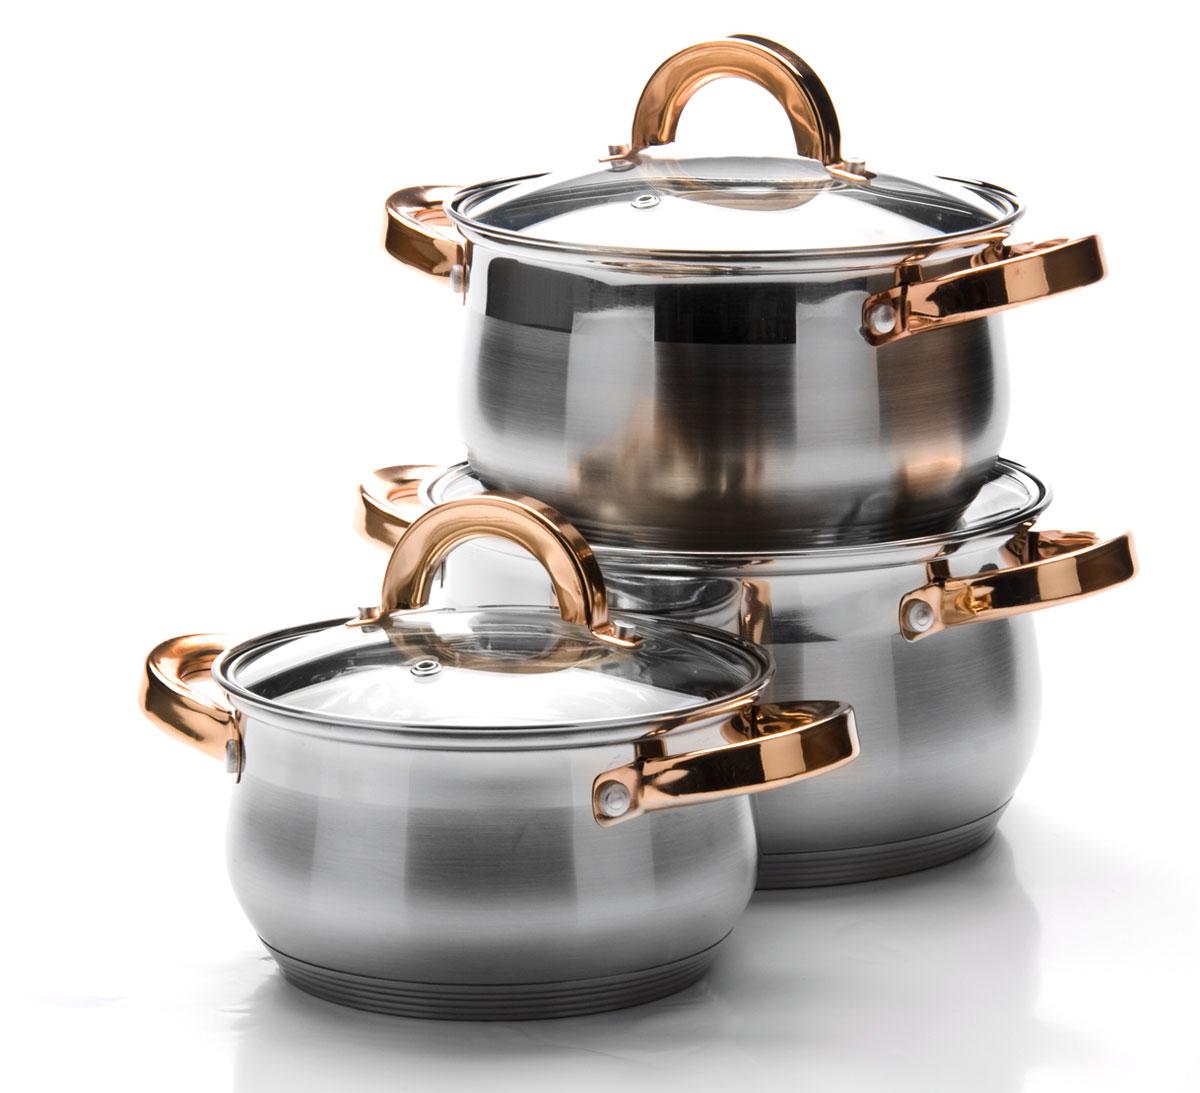 Набор посуды Mayer & Boch, 6 предметов. 2509225092Набор посуды станет отличным дополнением к набору кухонной утвари. С его приобретением приготовление ваших любимых блюд перейдет на качественно новый уровень и вы сможете воплотить в жизнь любые кулинарные идеи. В комплект входят 6 предметов: 3 кастрюли (объем 1,8/ 2,5/ 3,5), 3 крышки. Набор многофункционален и удобен в использовании, подойдет для варки супов, приготовления блюд из мяса и рыбы, гарниров, соусов т. д.